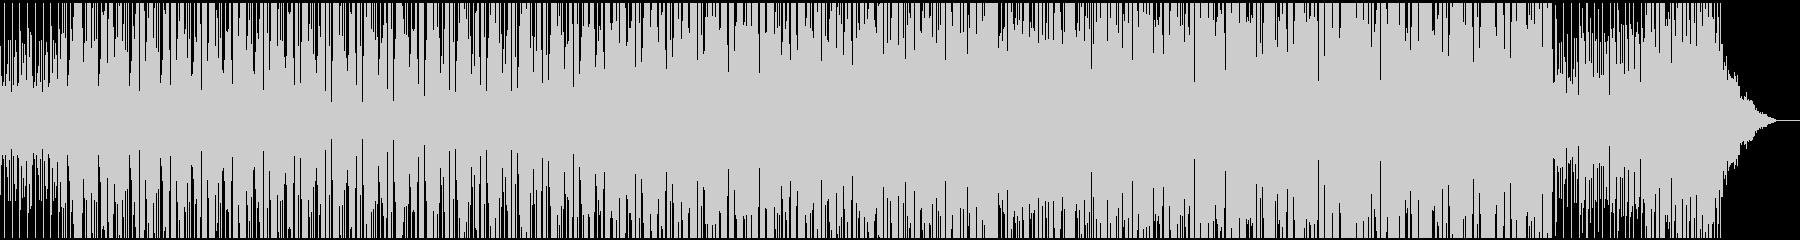 イベントなどのオープニングBGMの未再生の波形